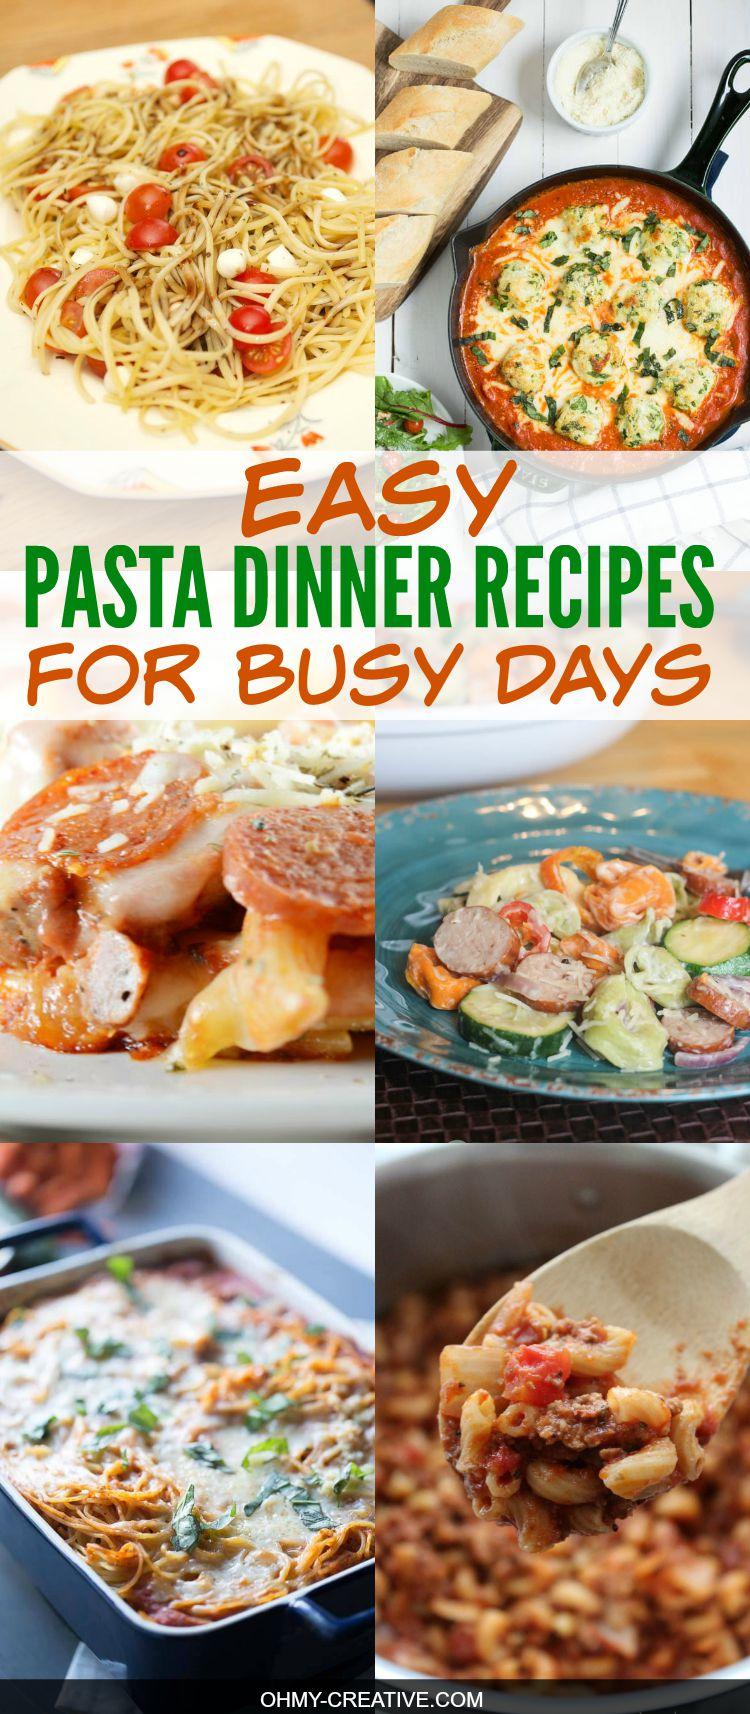 12 Easy Pasta Dinner Recipes